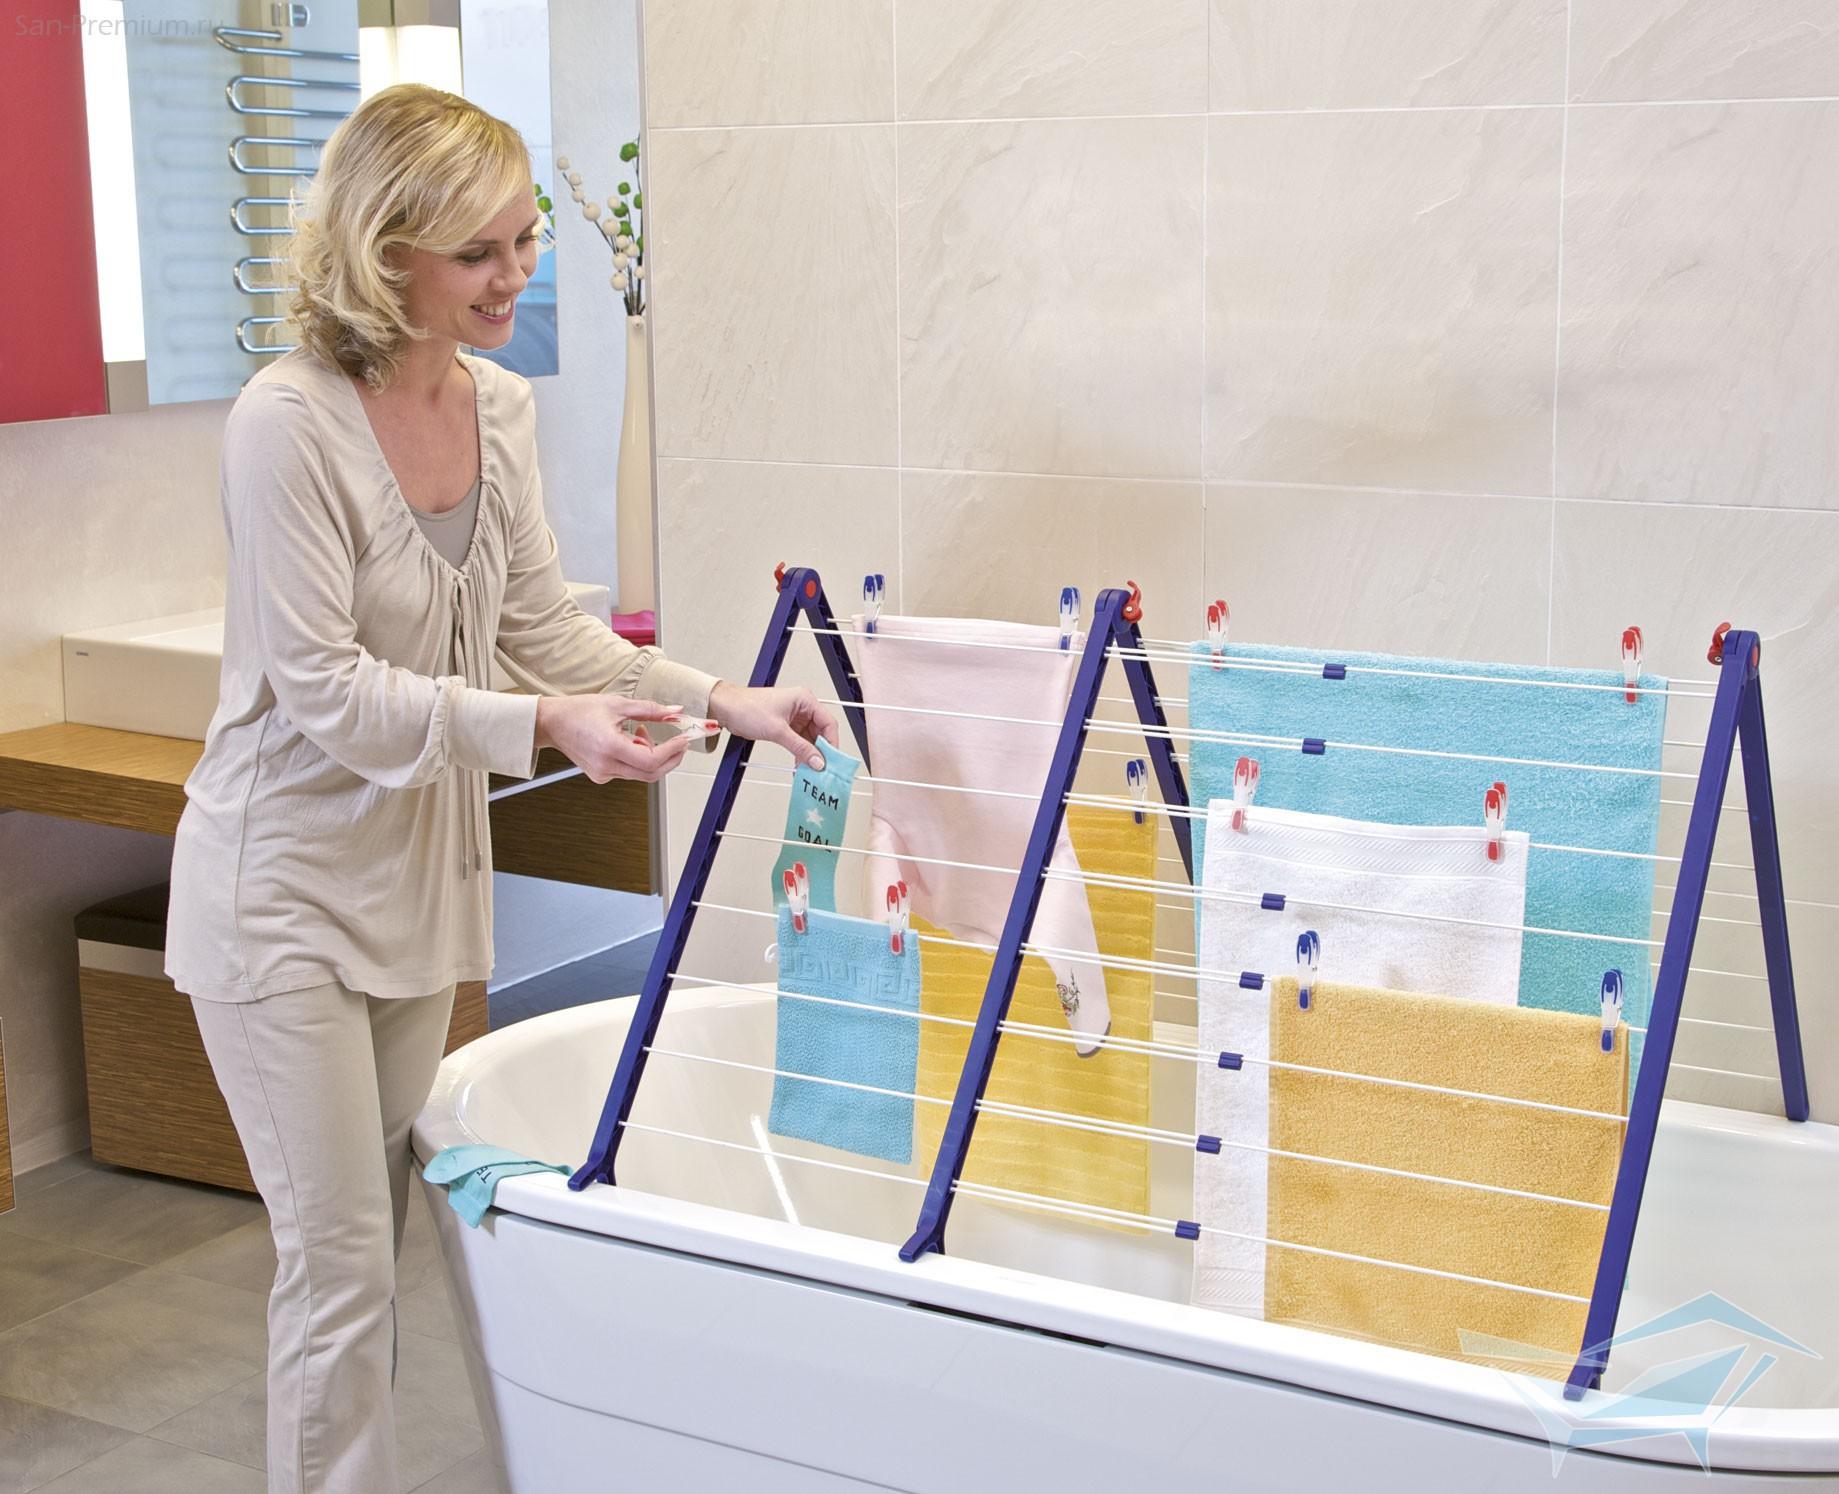 Где сушить белье в квартире красиво? [5 нестандартных решений]